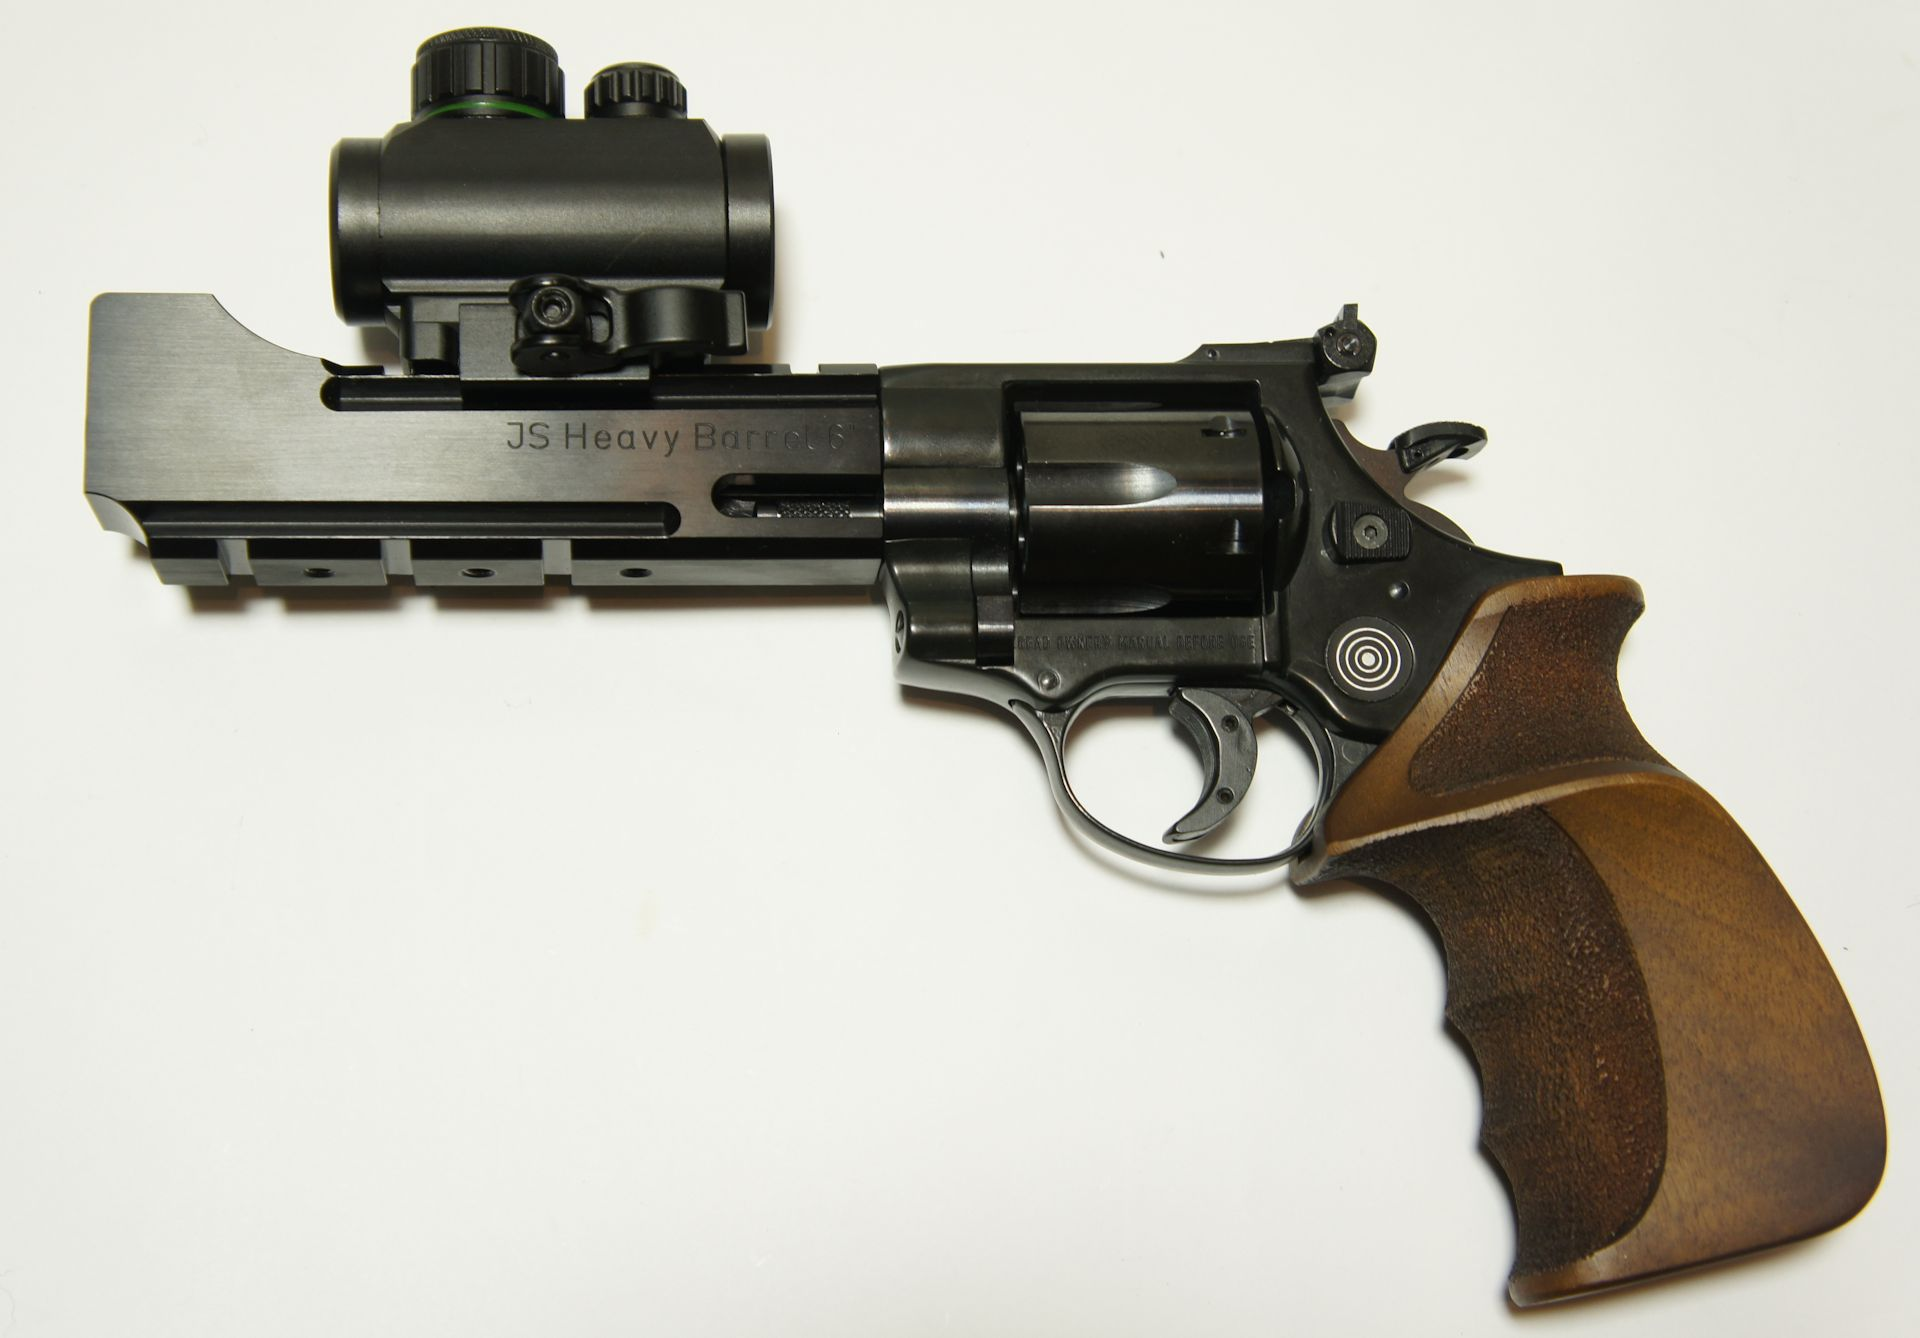 Montagebeispiel vom <a href=1130221.htm>Leuchtpunktvisier von UTG </a> auf diesem freien LEP Revolver